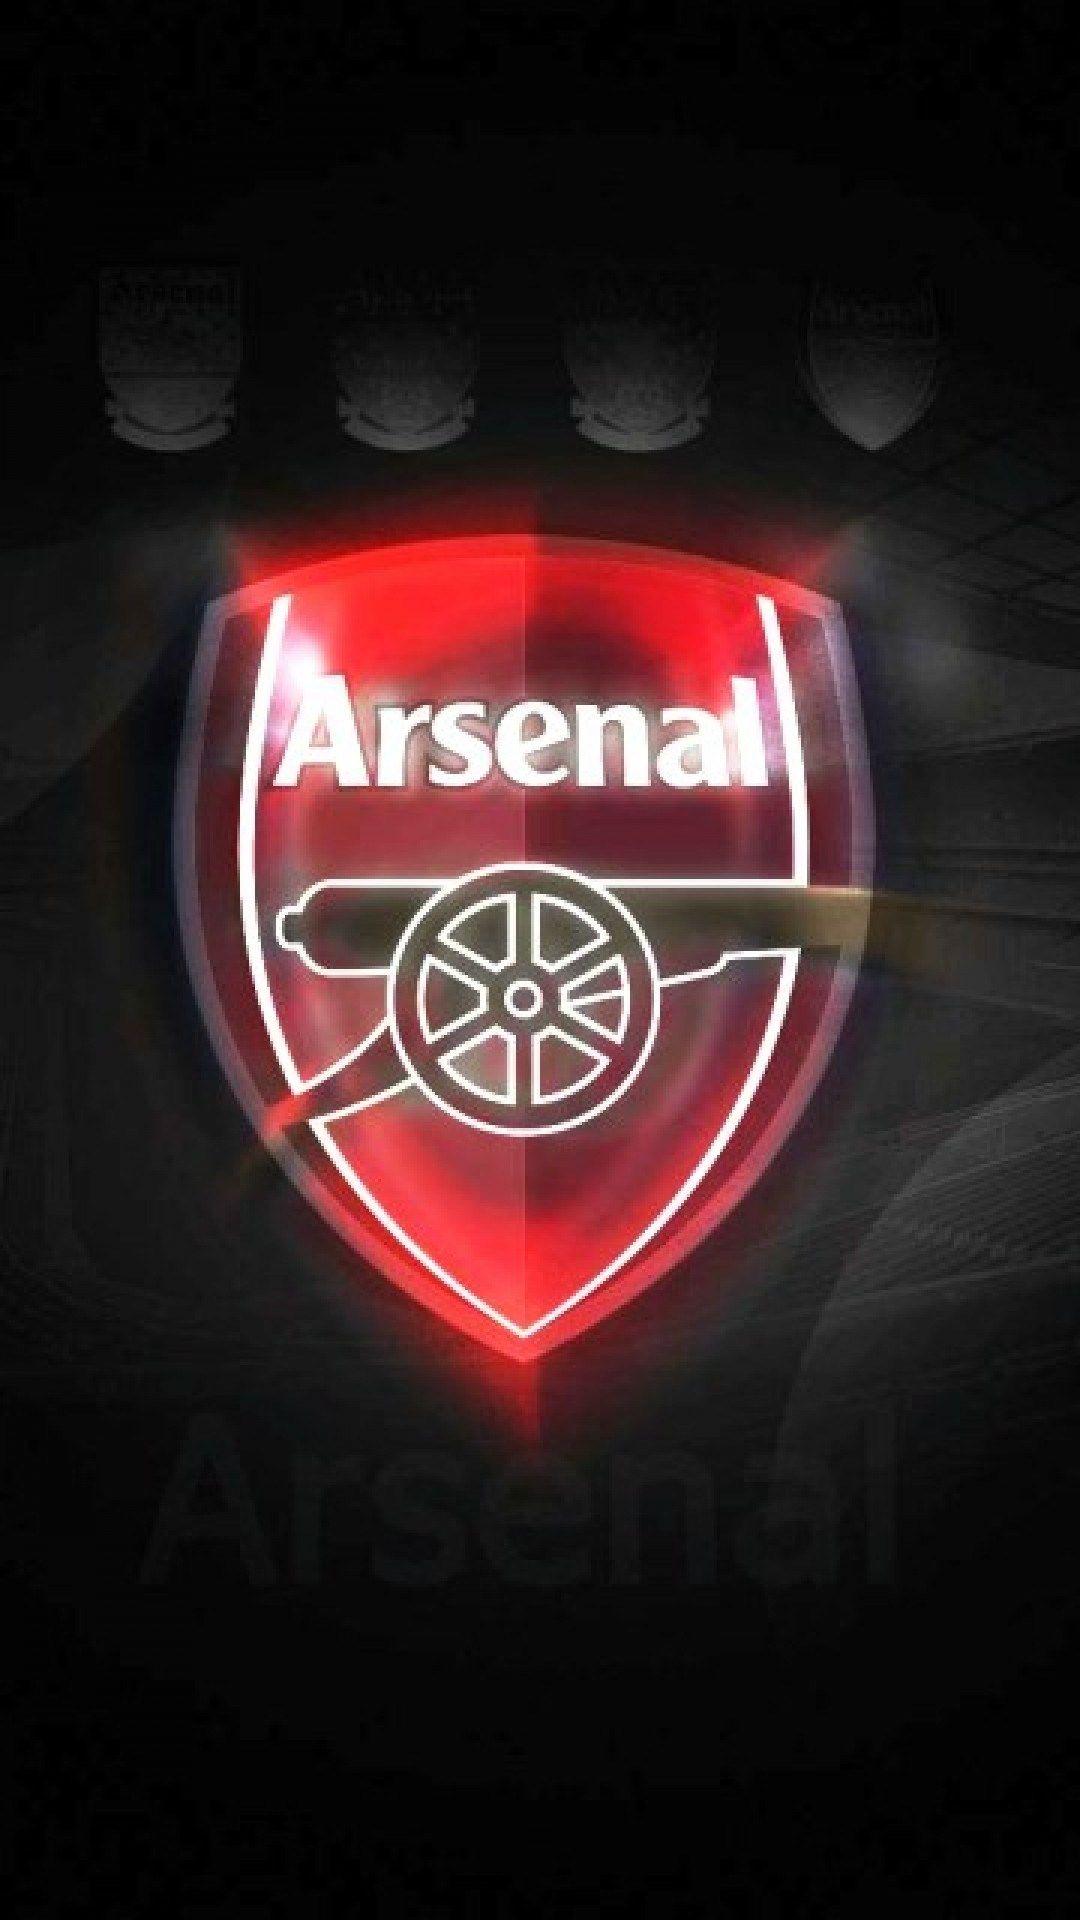 arsenal logo wallpaper full hd for